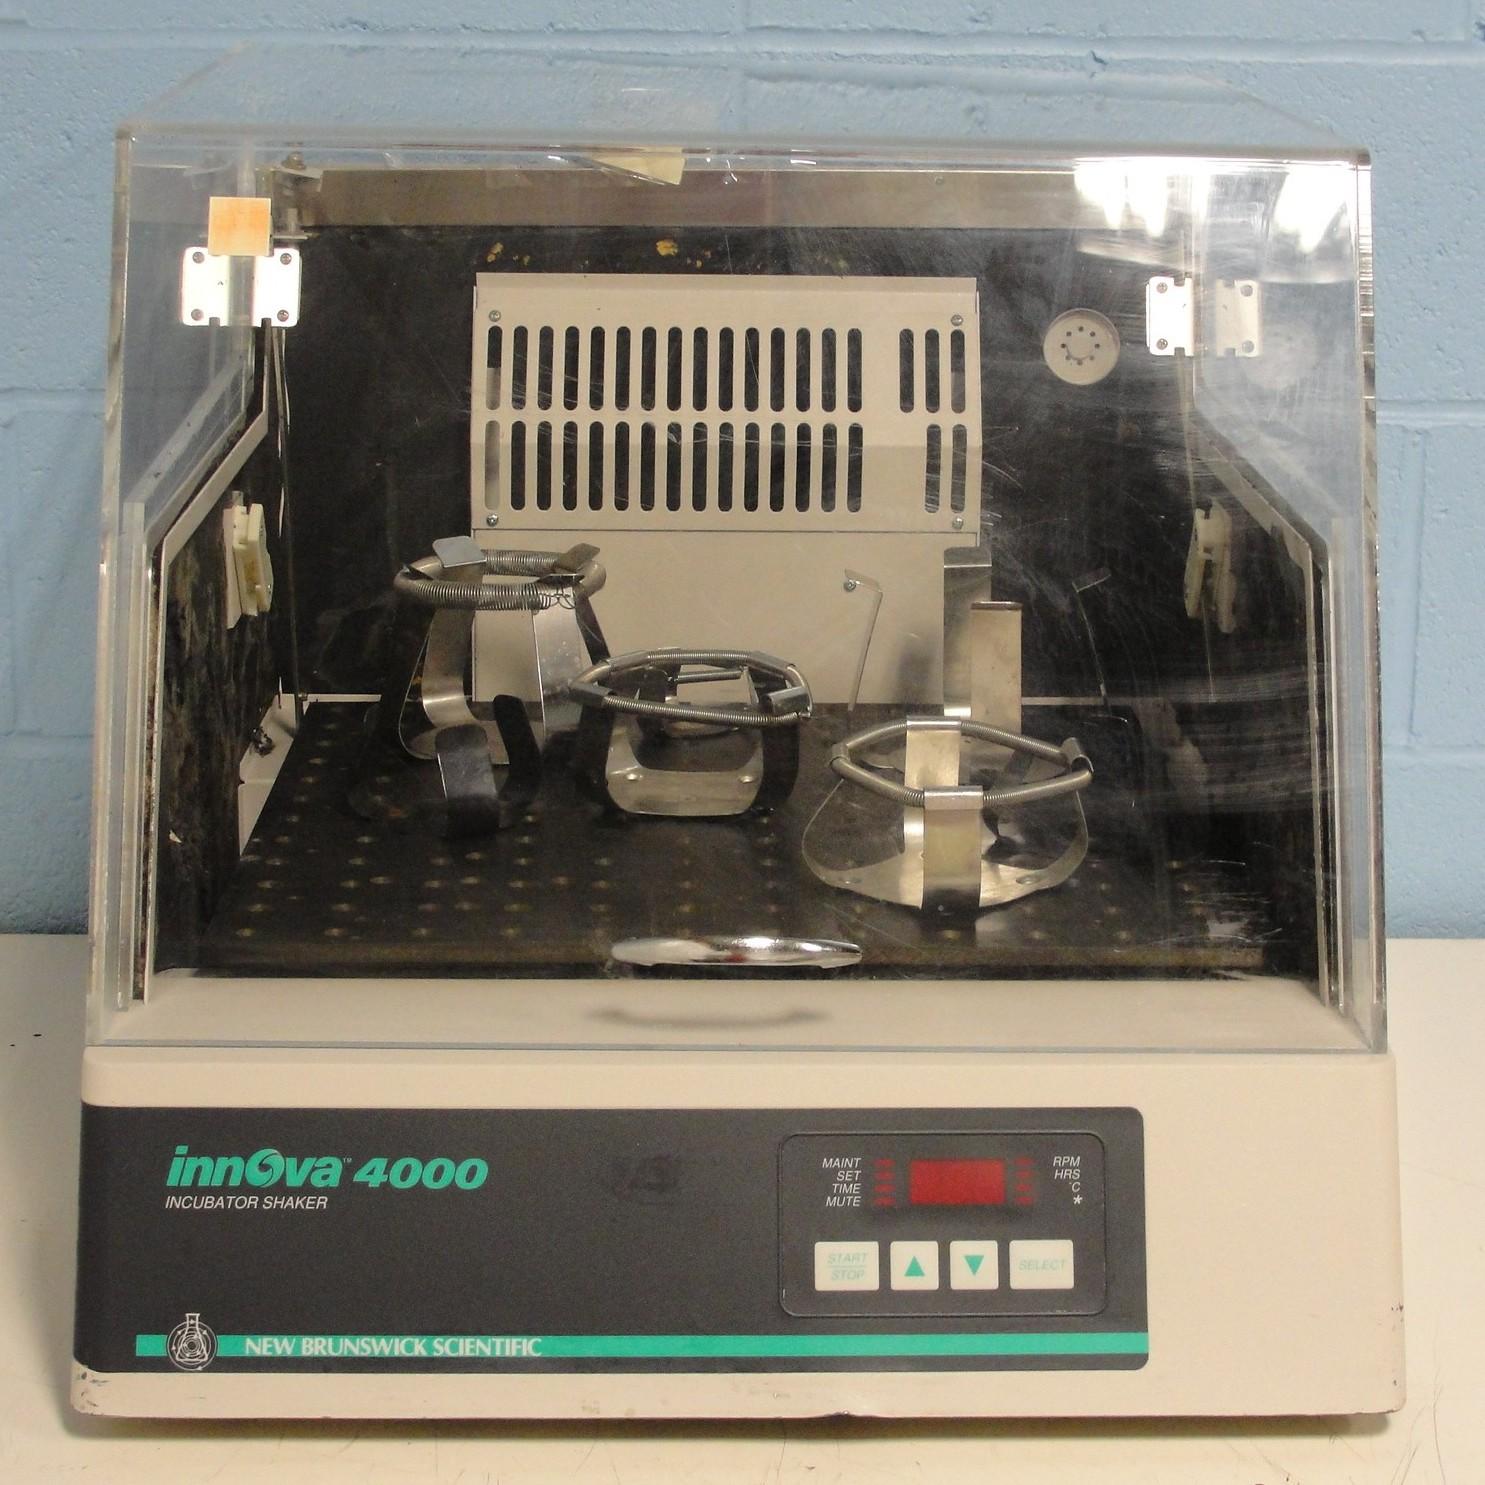 New Brunswick Scientific Co Innova 4000 Incubator Shaker Image